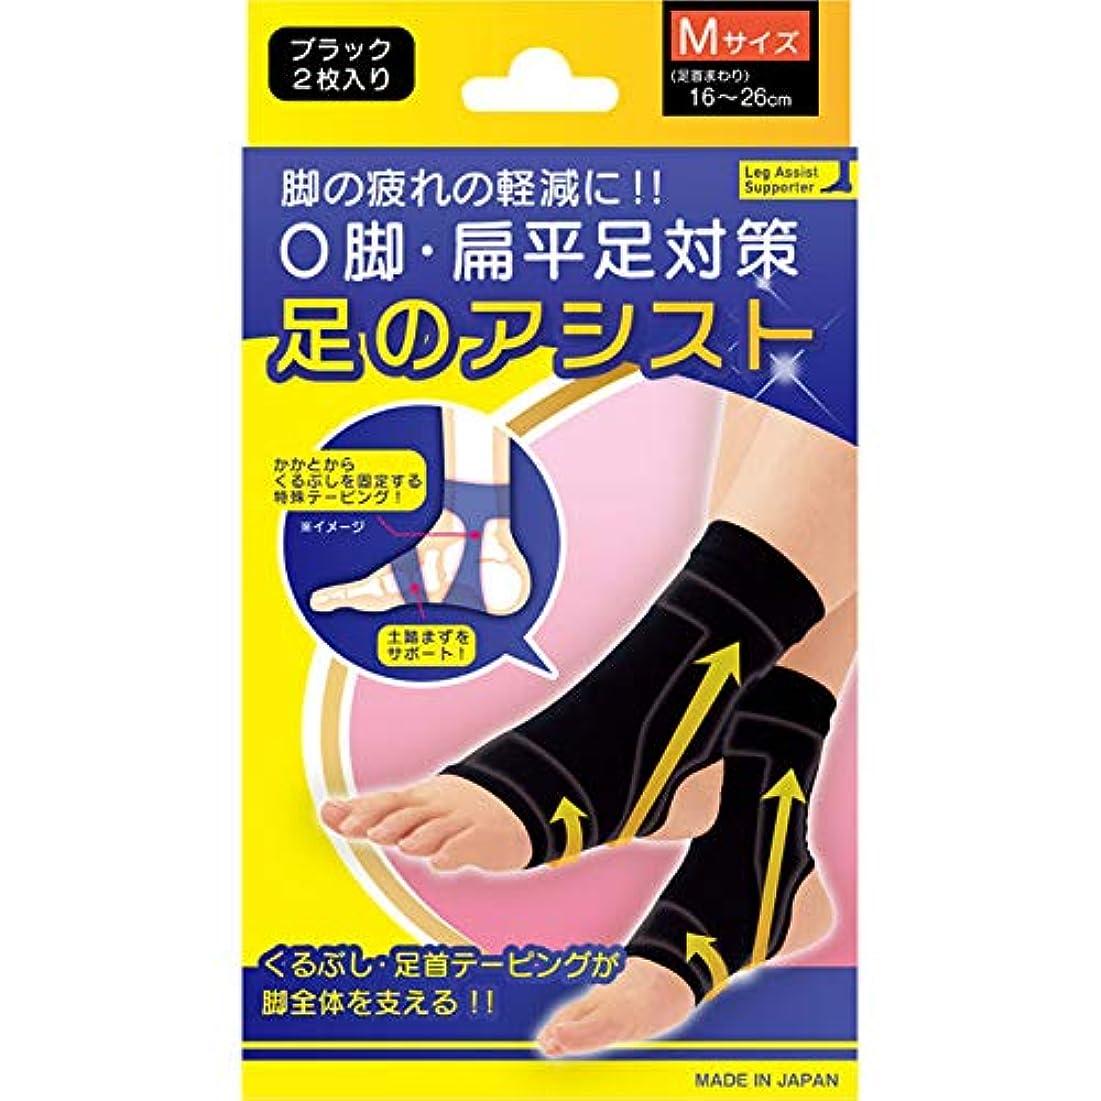 キルス旅行思われる美脚足のアシスト ブラック 2枚入り Mサイズ(足首まわり16~26cm)